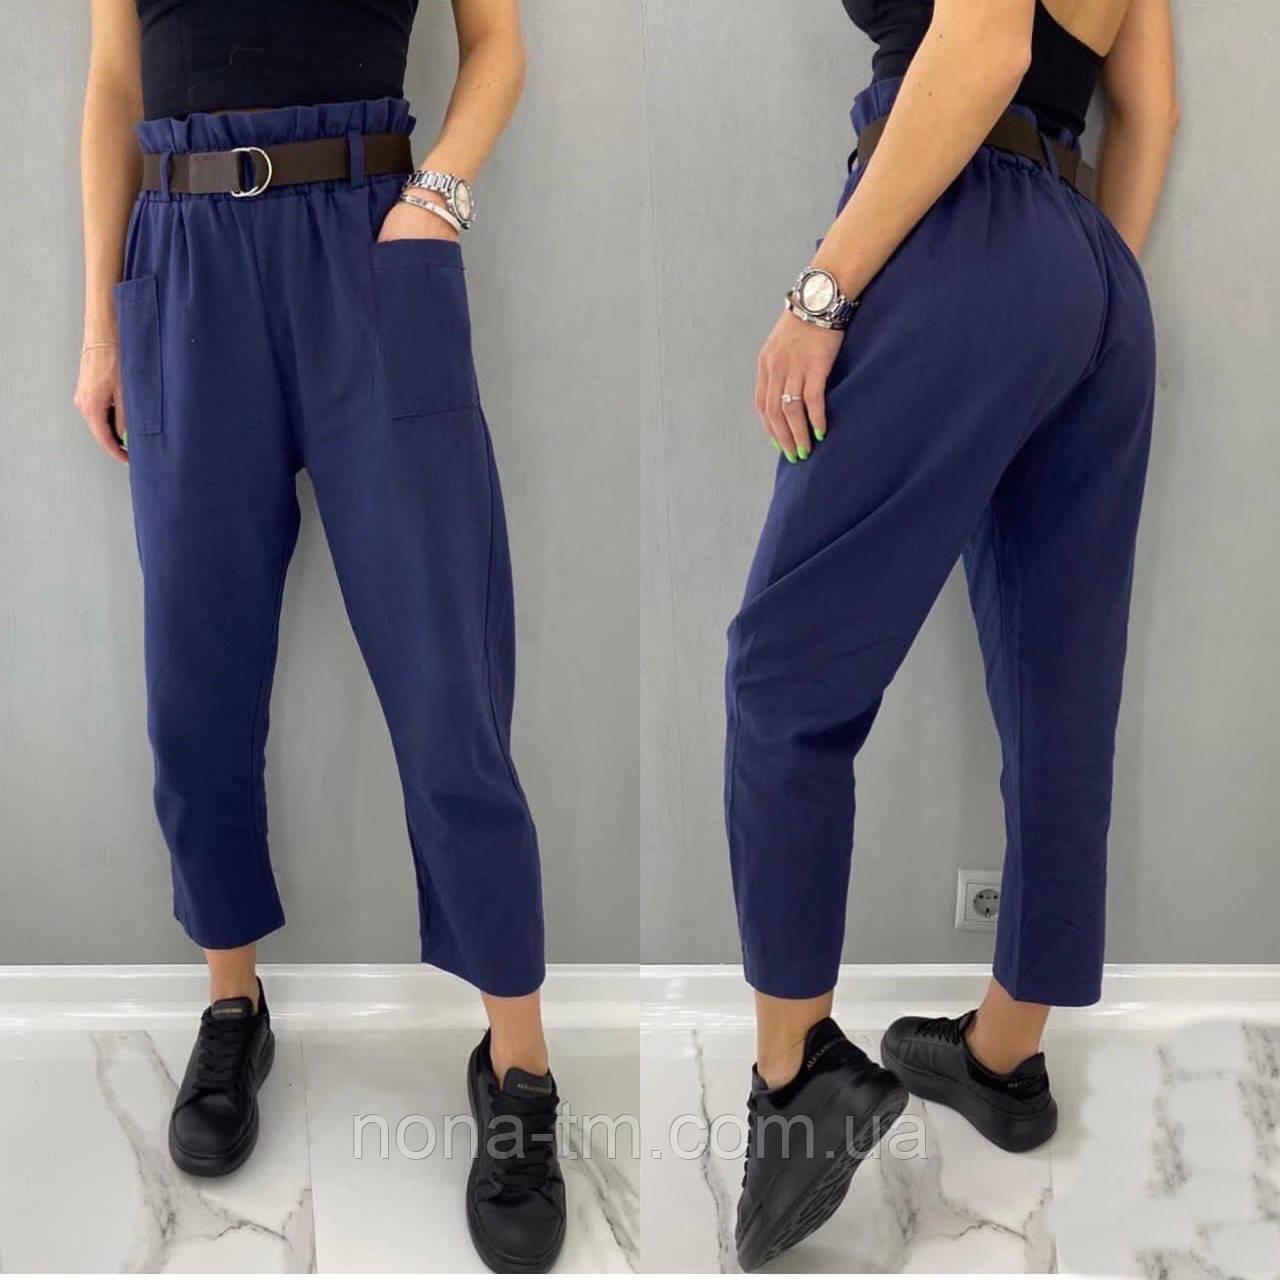 Стильні штани жіночі льняні